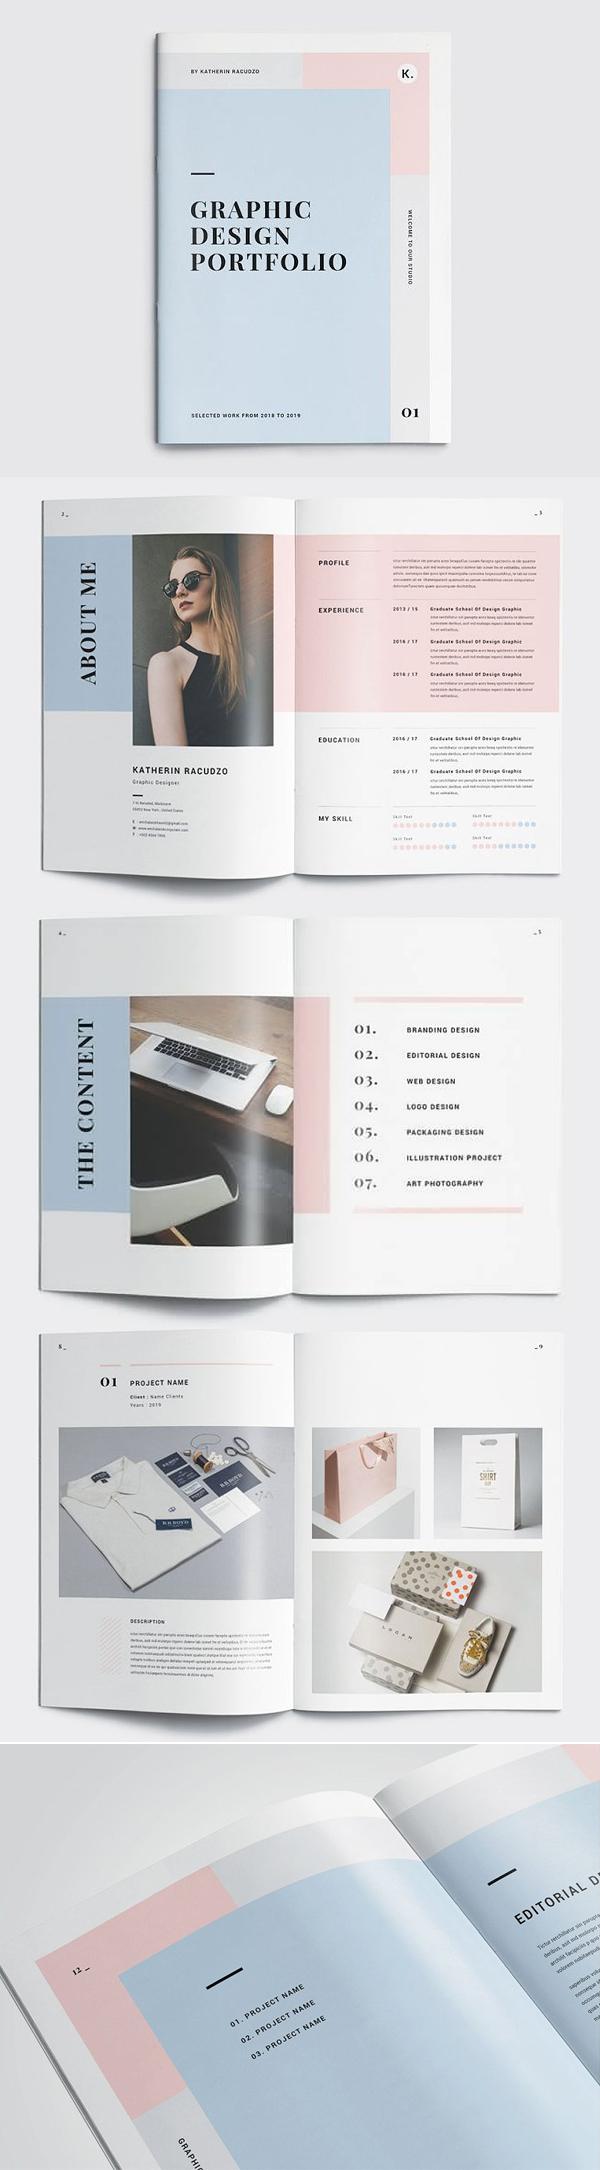 Creative Graphic Design Portfolio